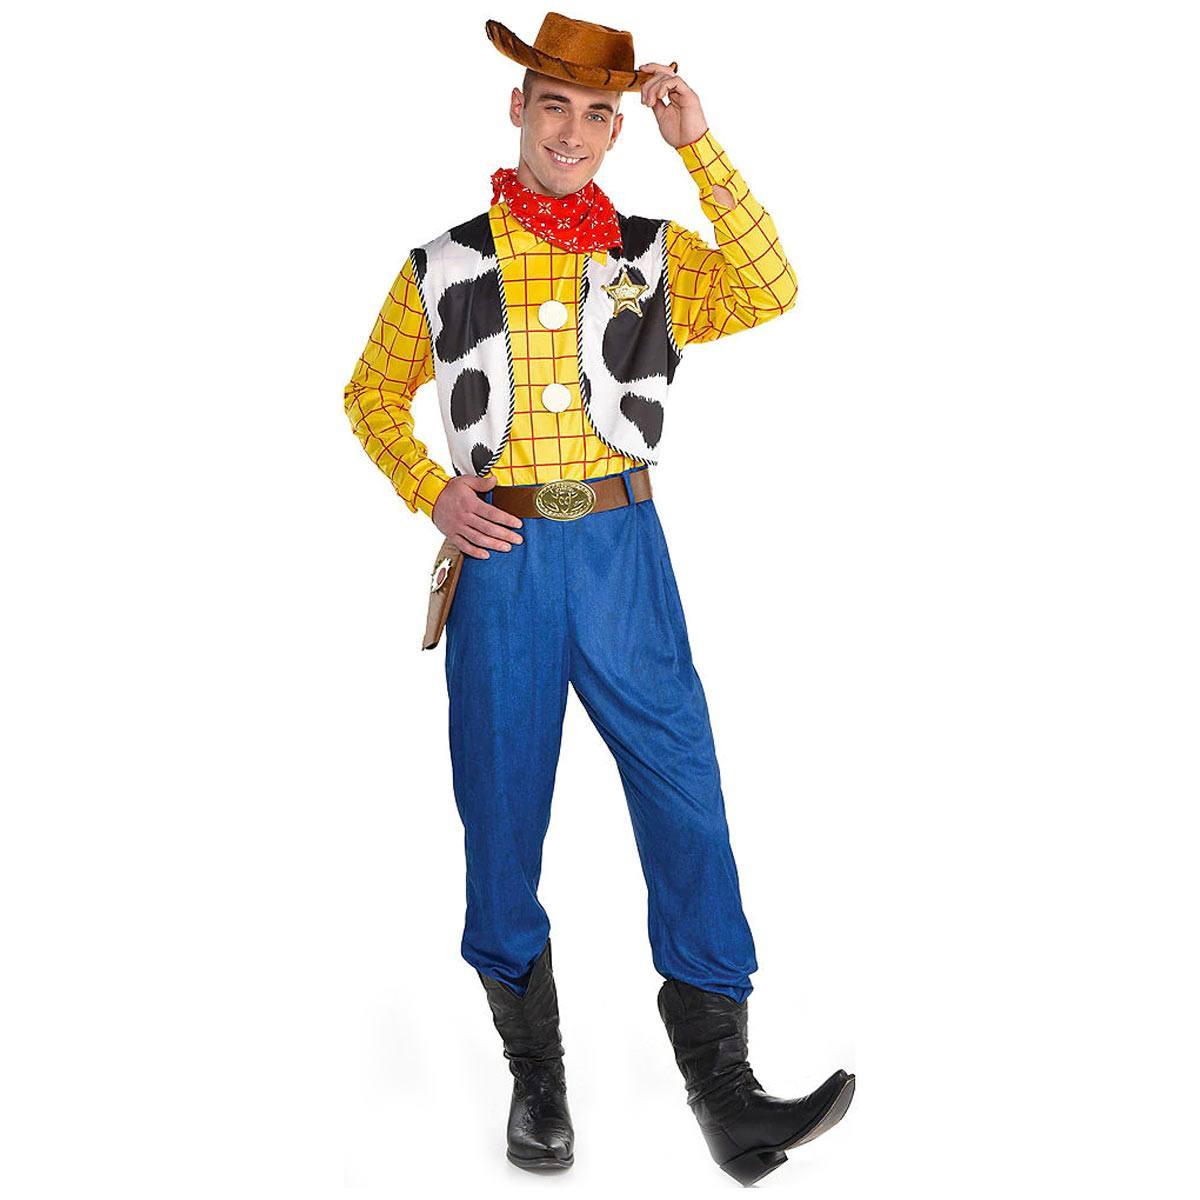 ディズニー トイストーリー ウッディ コスプレ コスチューム 大人用 なりきり ハロウィン ディズニー公式 Disny Toy Story